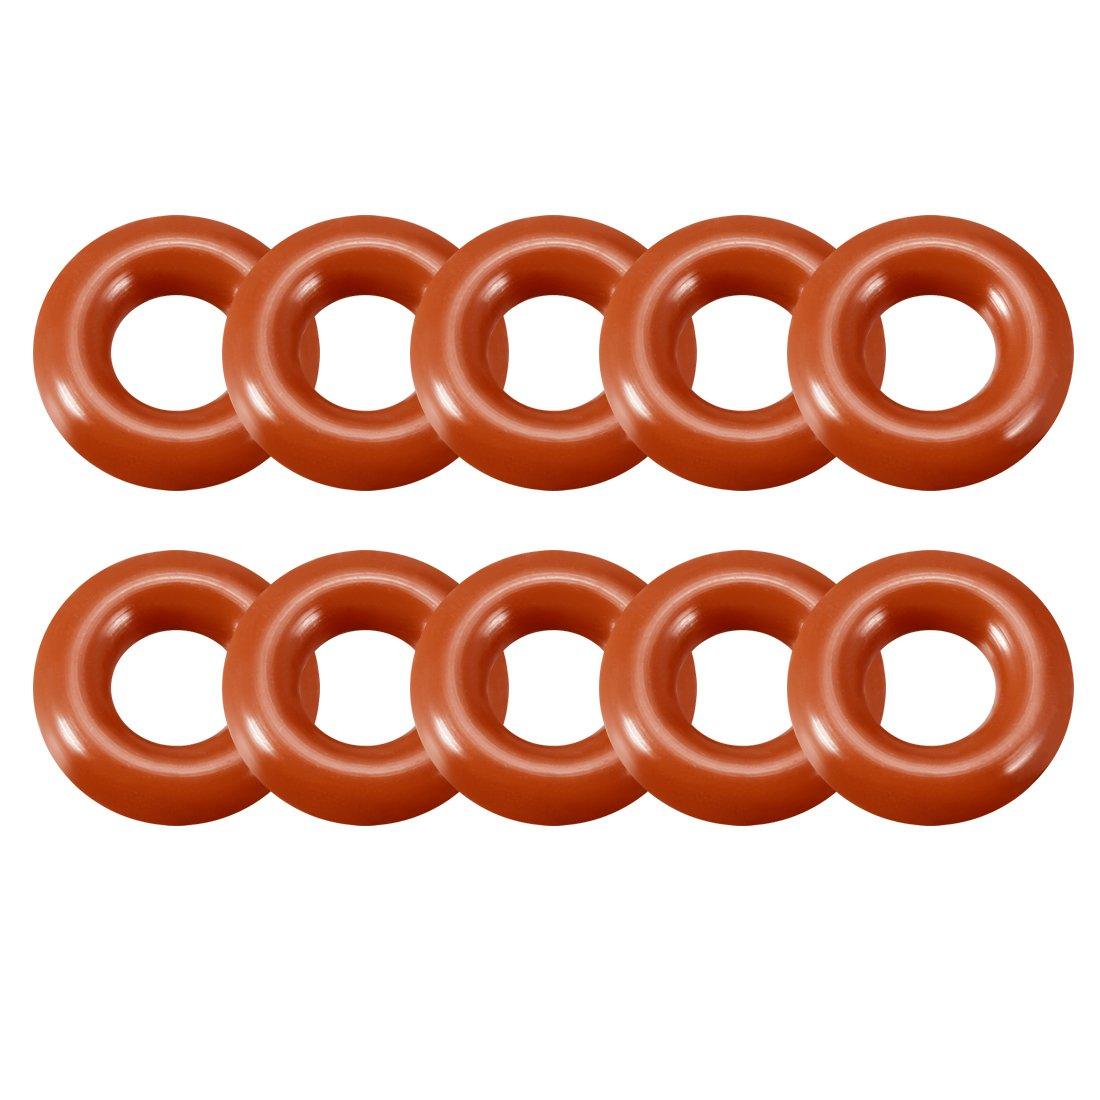 anneaux de joint d/étanch/éit/é Joint Rouge a18032800ux0103 10/mm-28/mm Diam/ètre ext/érieur Sourcingmap Coque en silicone Joint torique